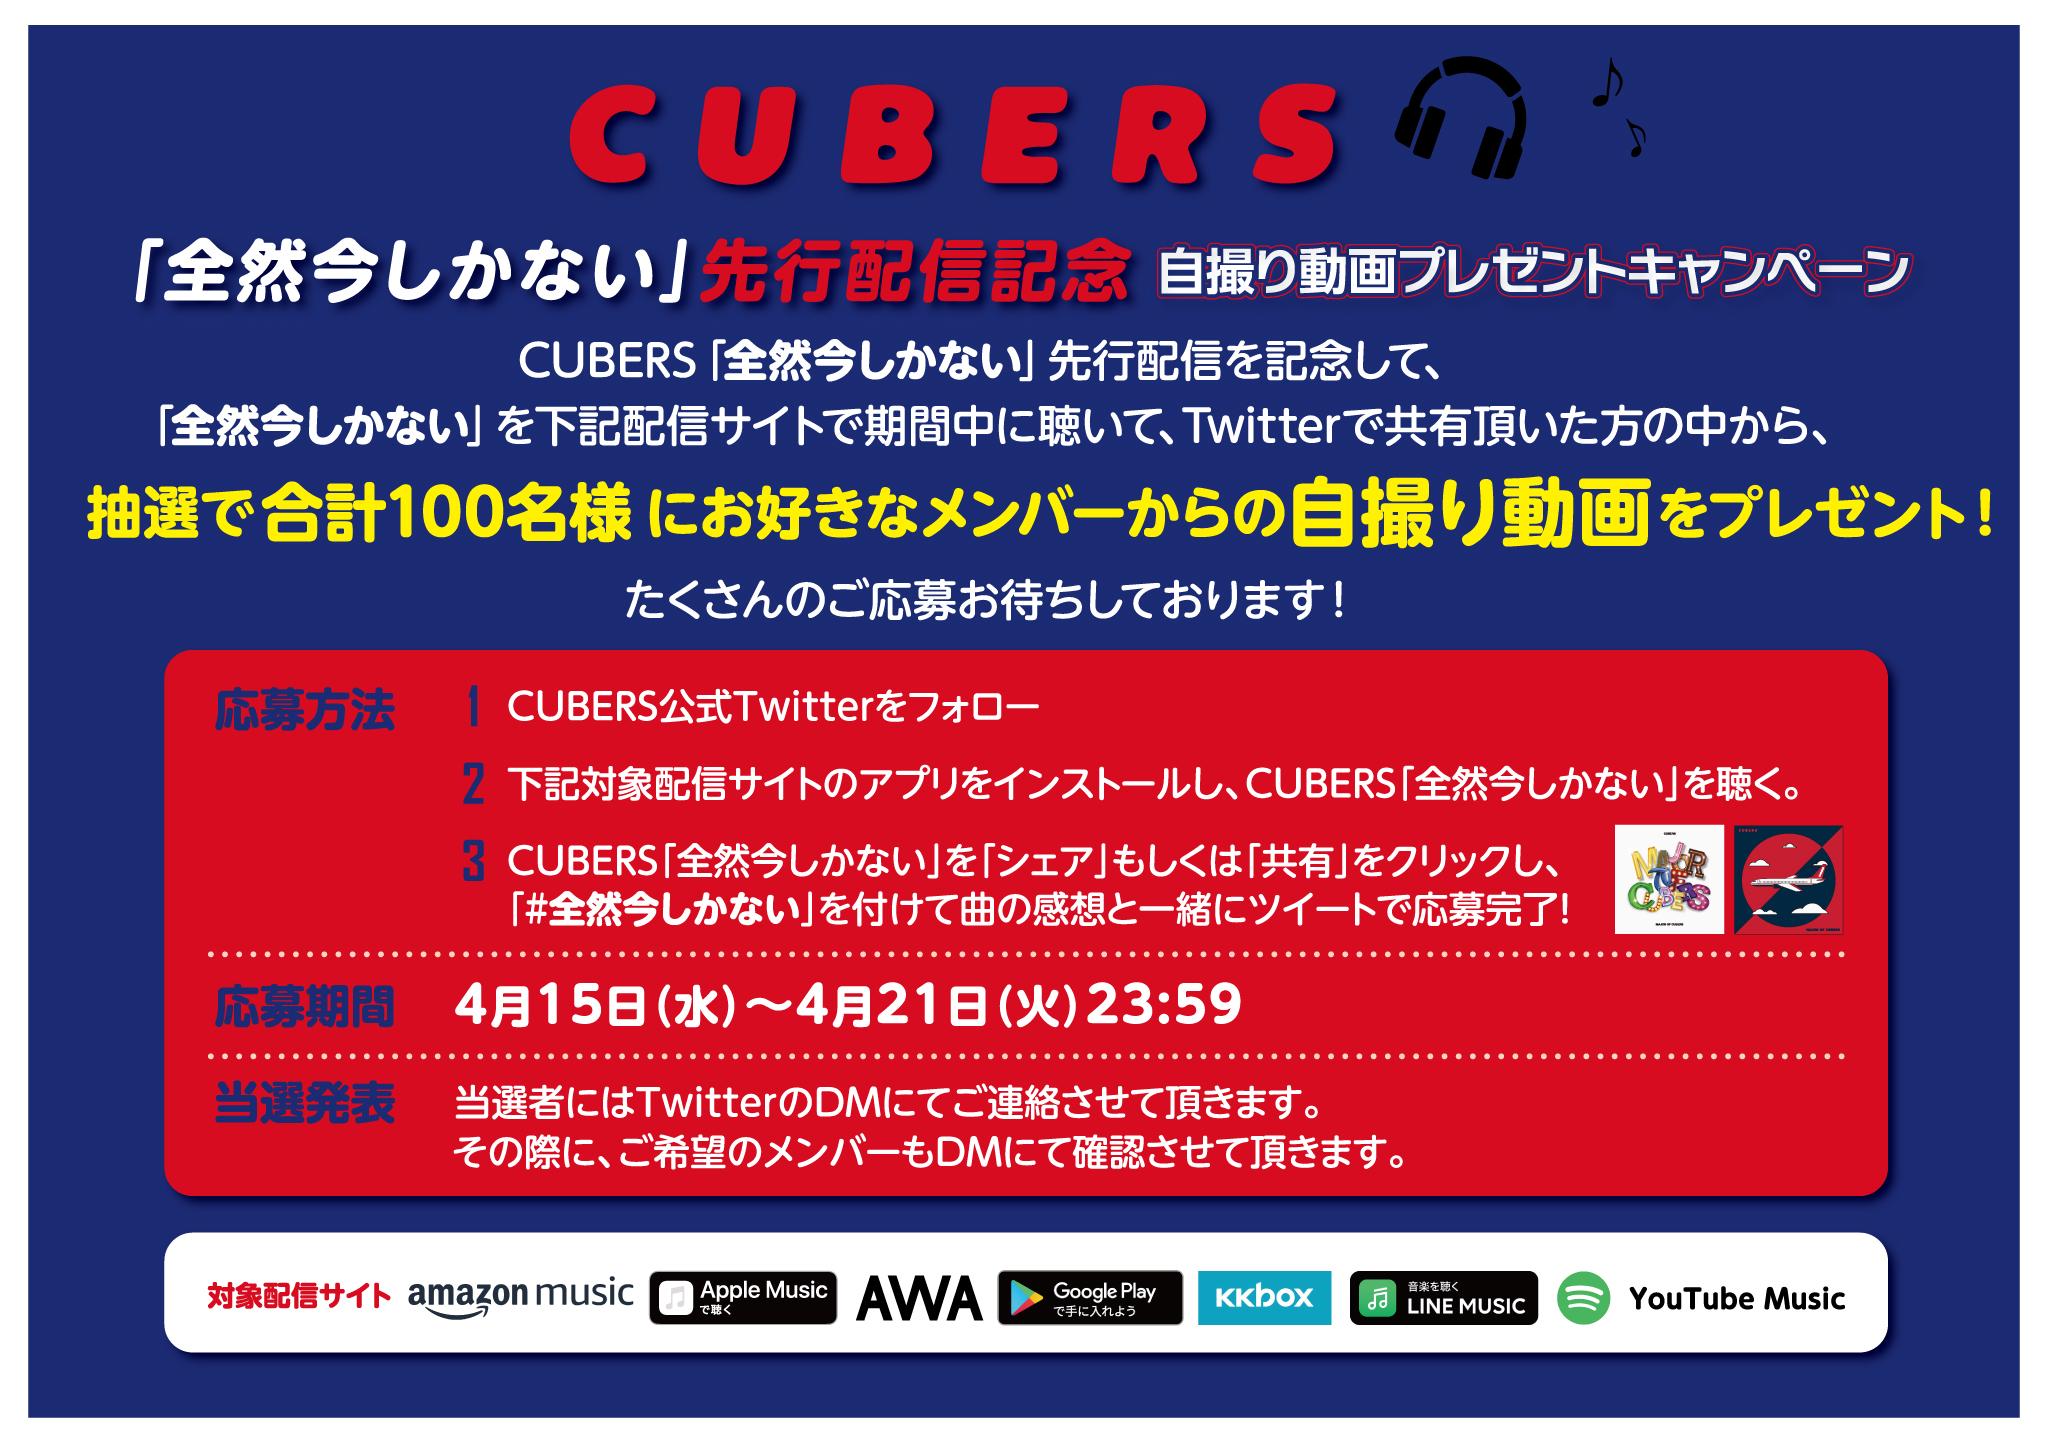 【NEWS】メジャー1stアルバムのリード曲「全然今しかない」先行配信記念キャンペーン実施!